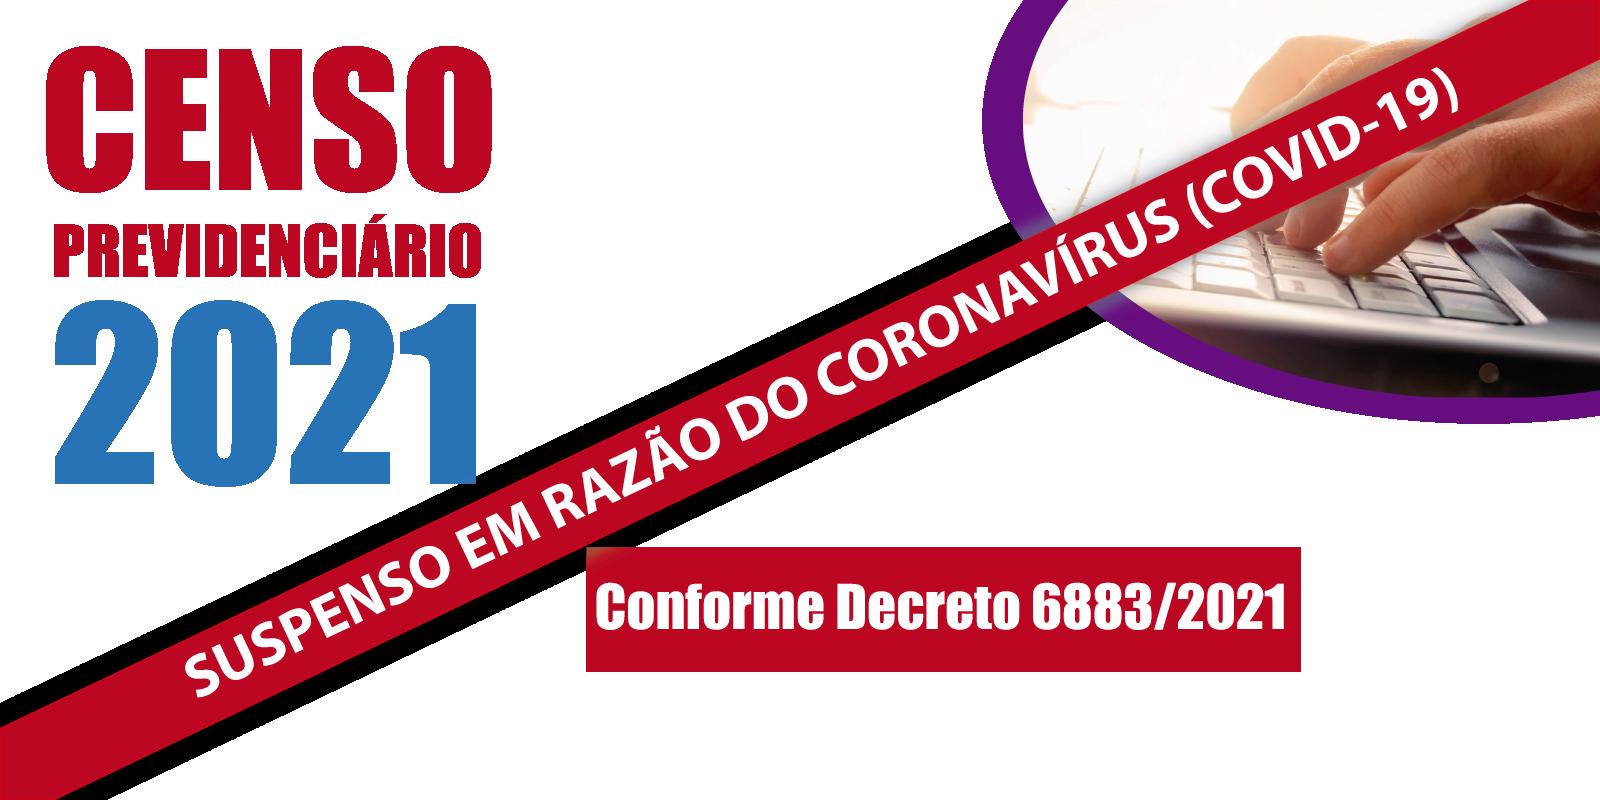 Censo 2021 suspenso